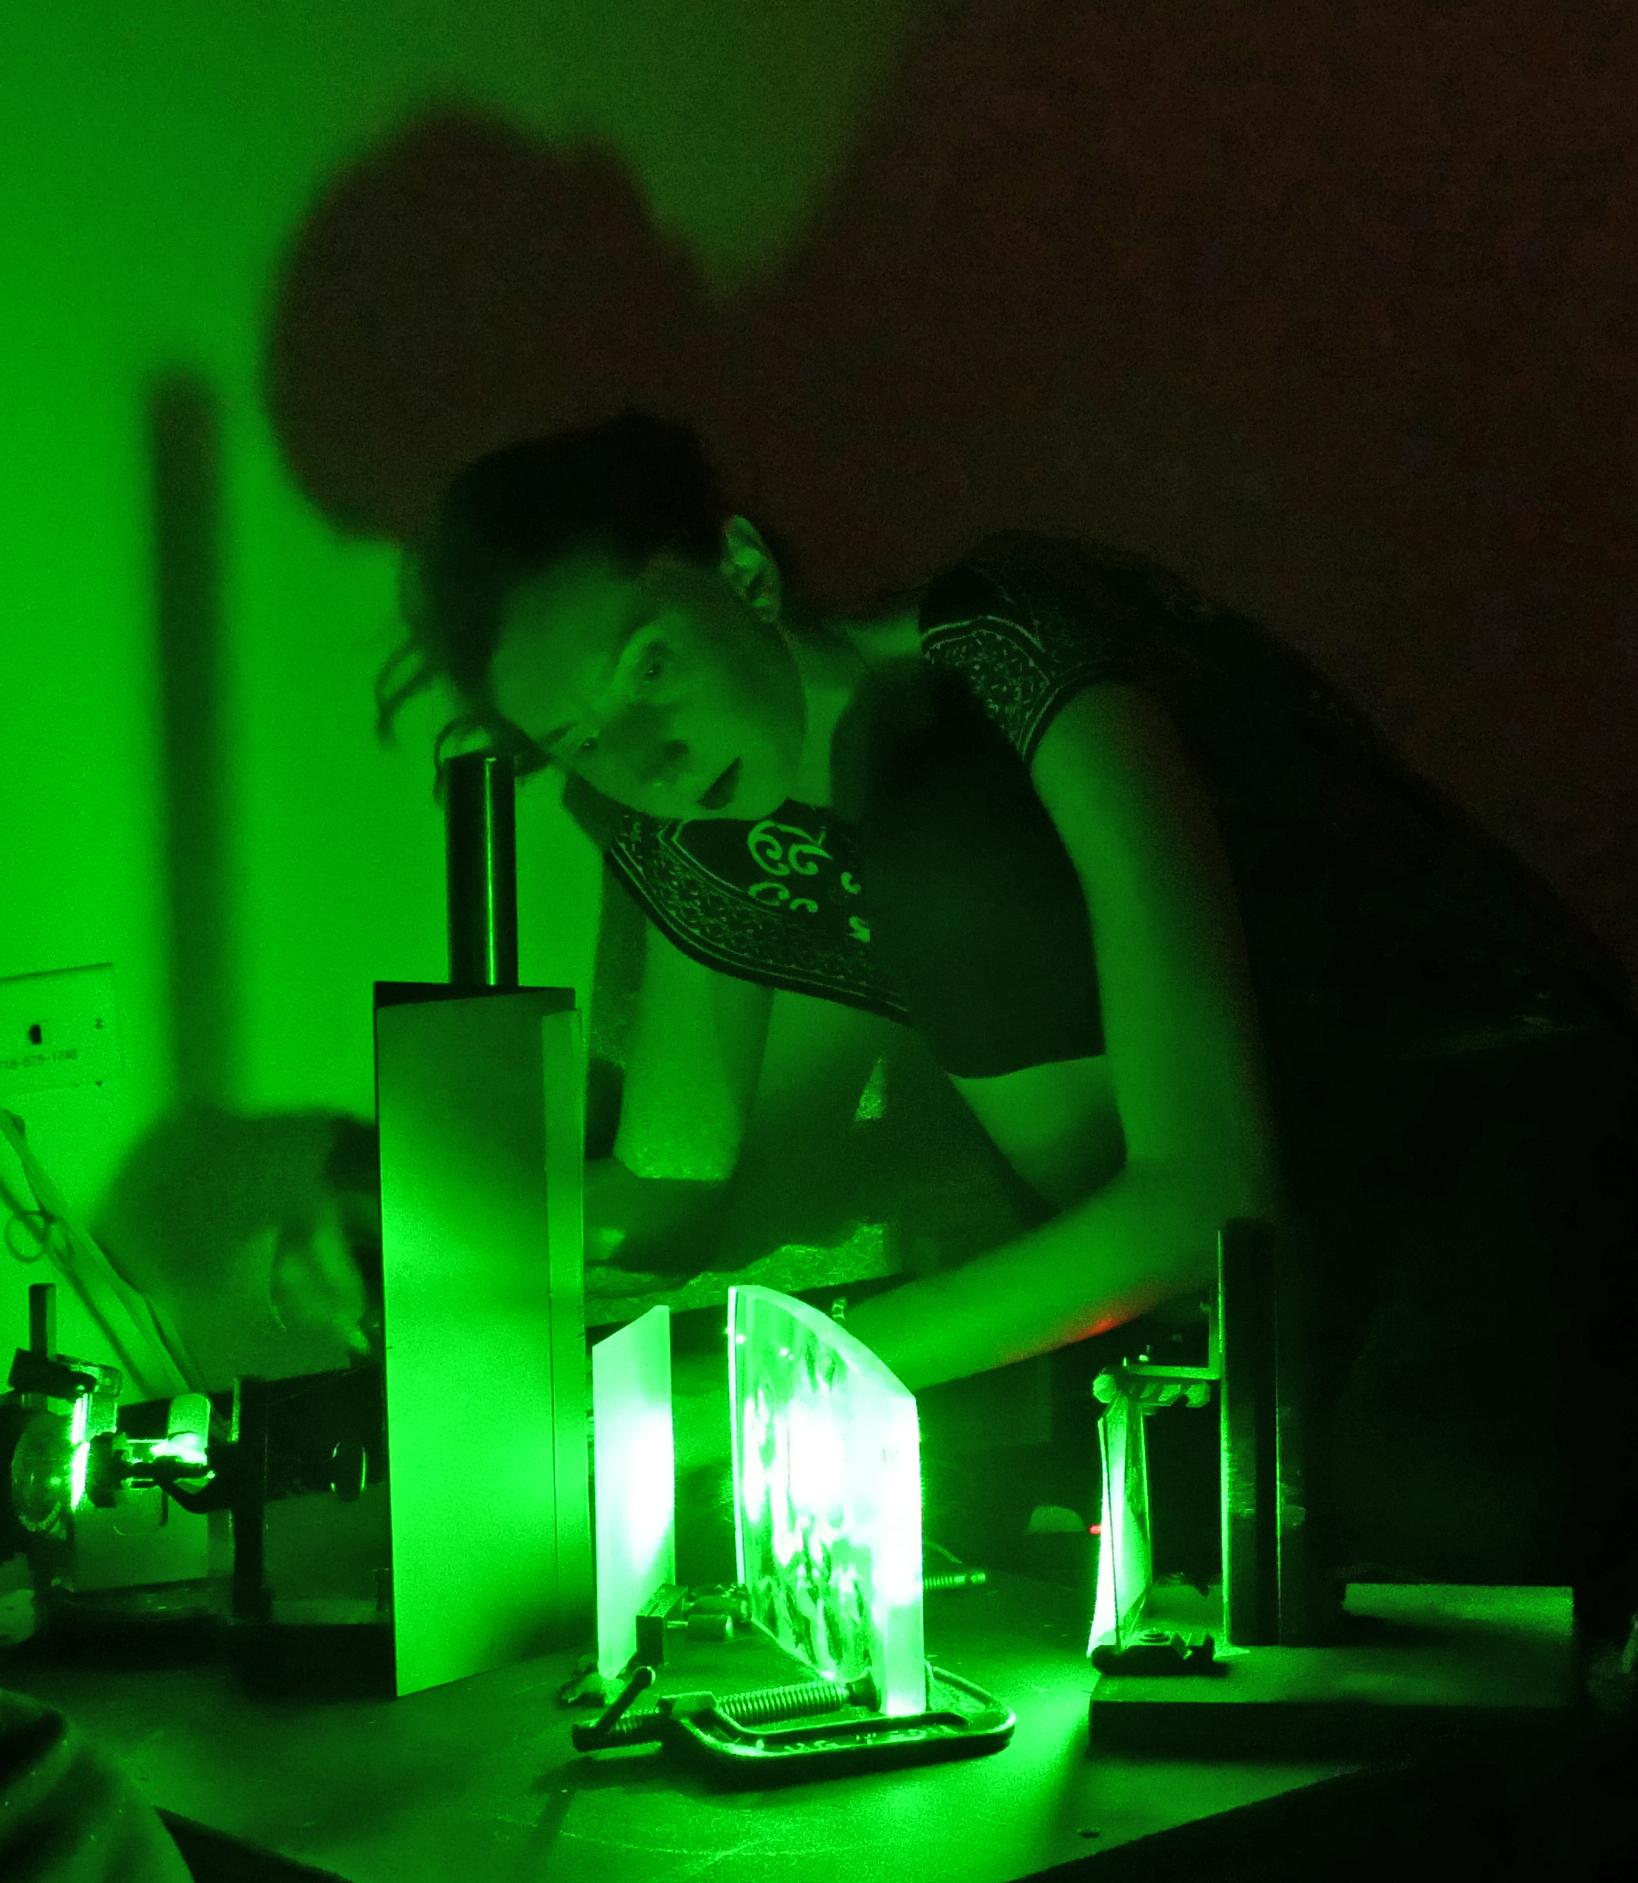 Martina Mrongovius making a hologram during a workshop